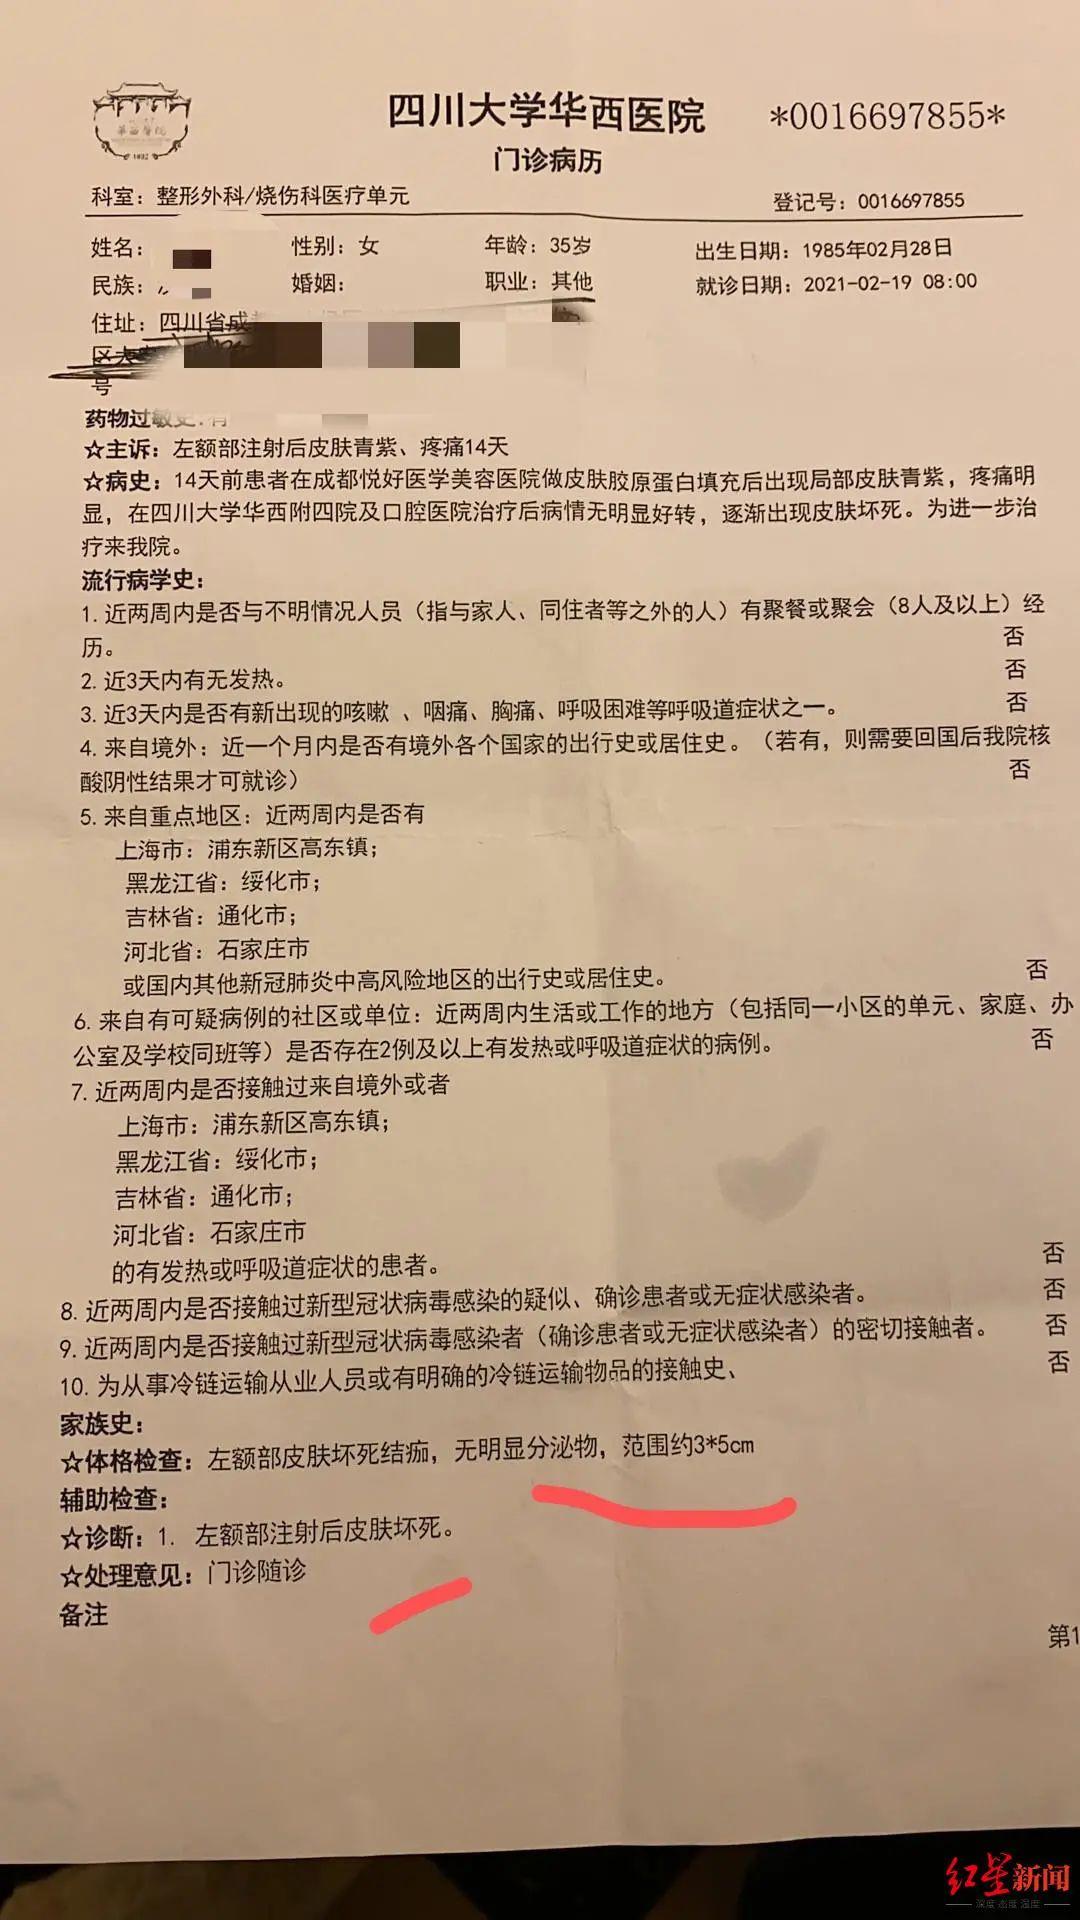 OB视讯-首页